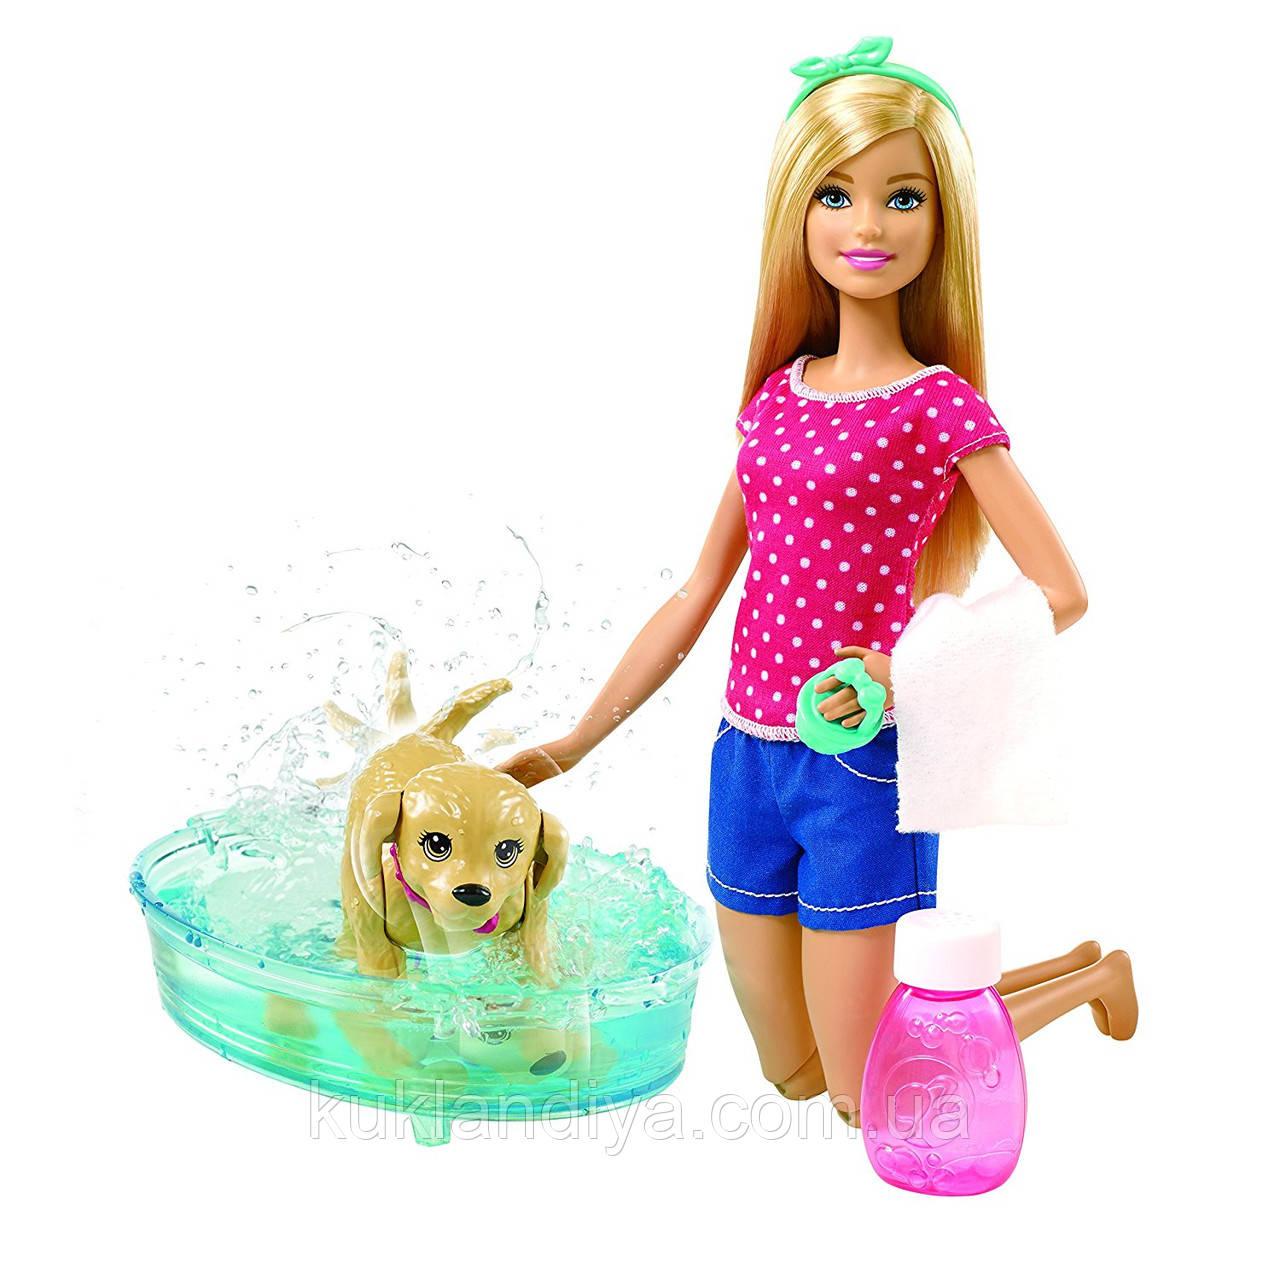 Лялька Барбі веселе купання цуценя DGY83